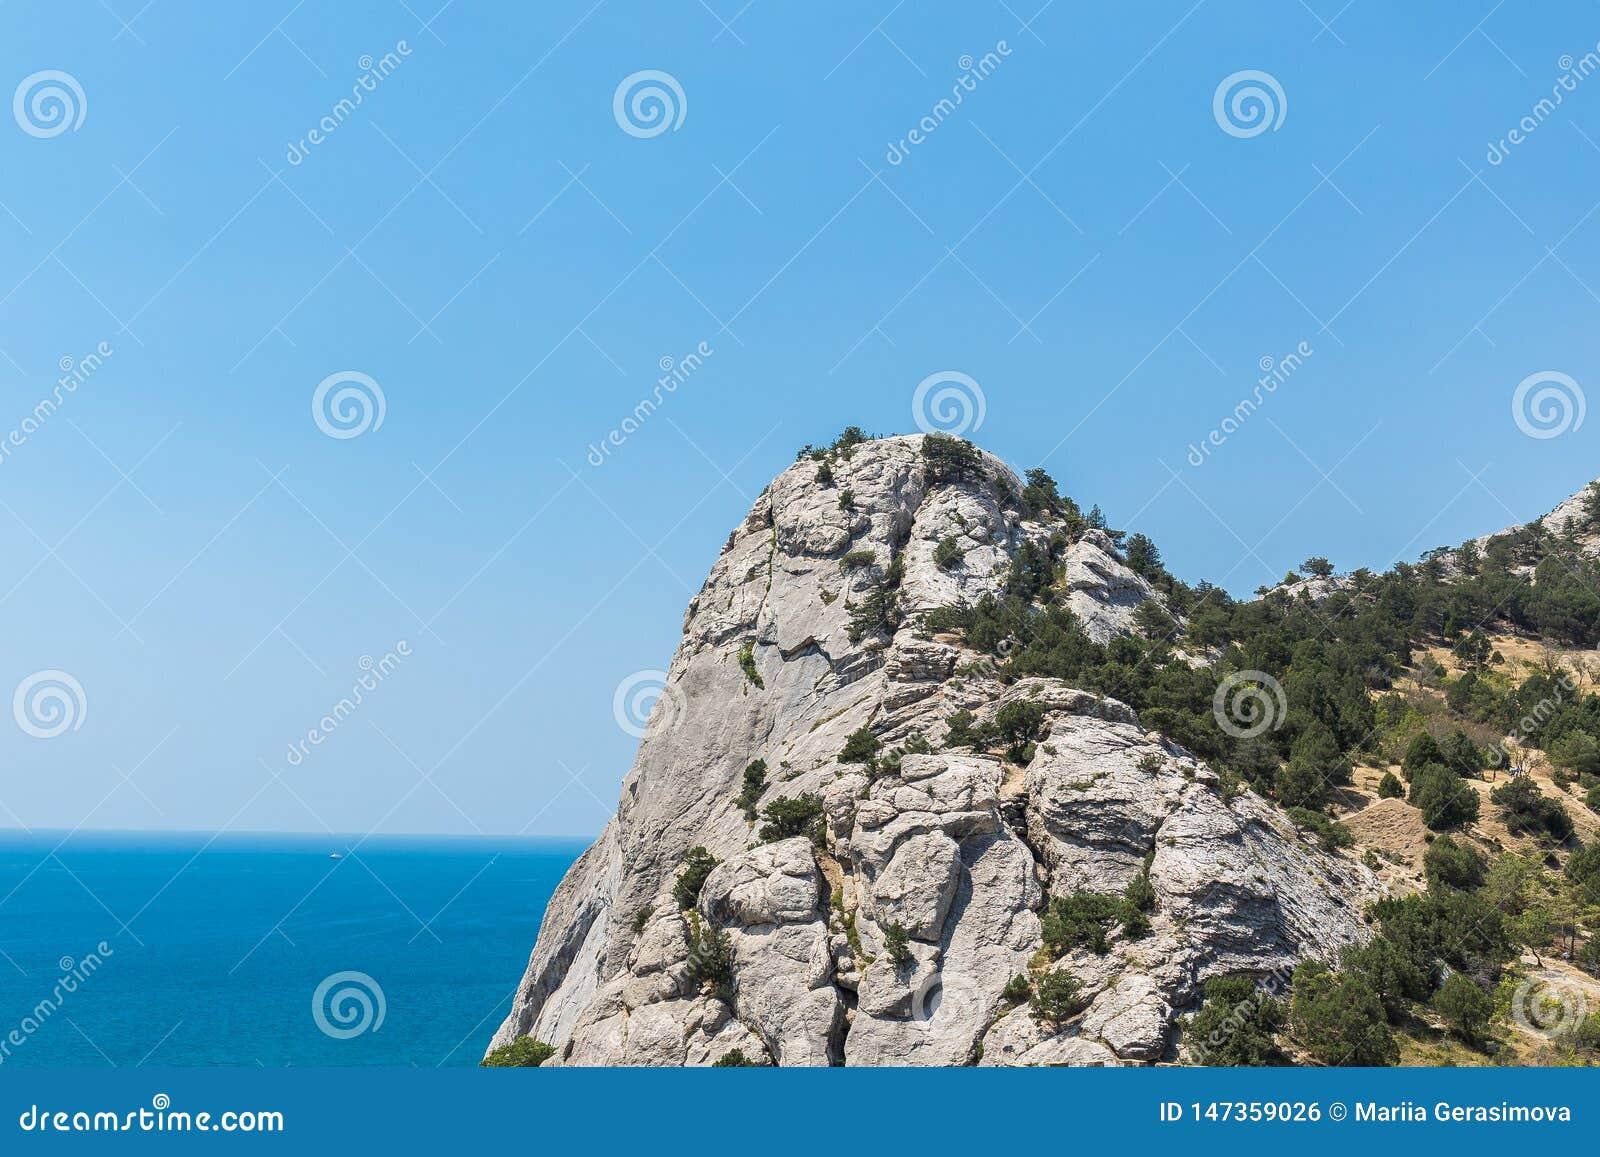 Visi?n distante desde la monta?a al mar azul